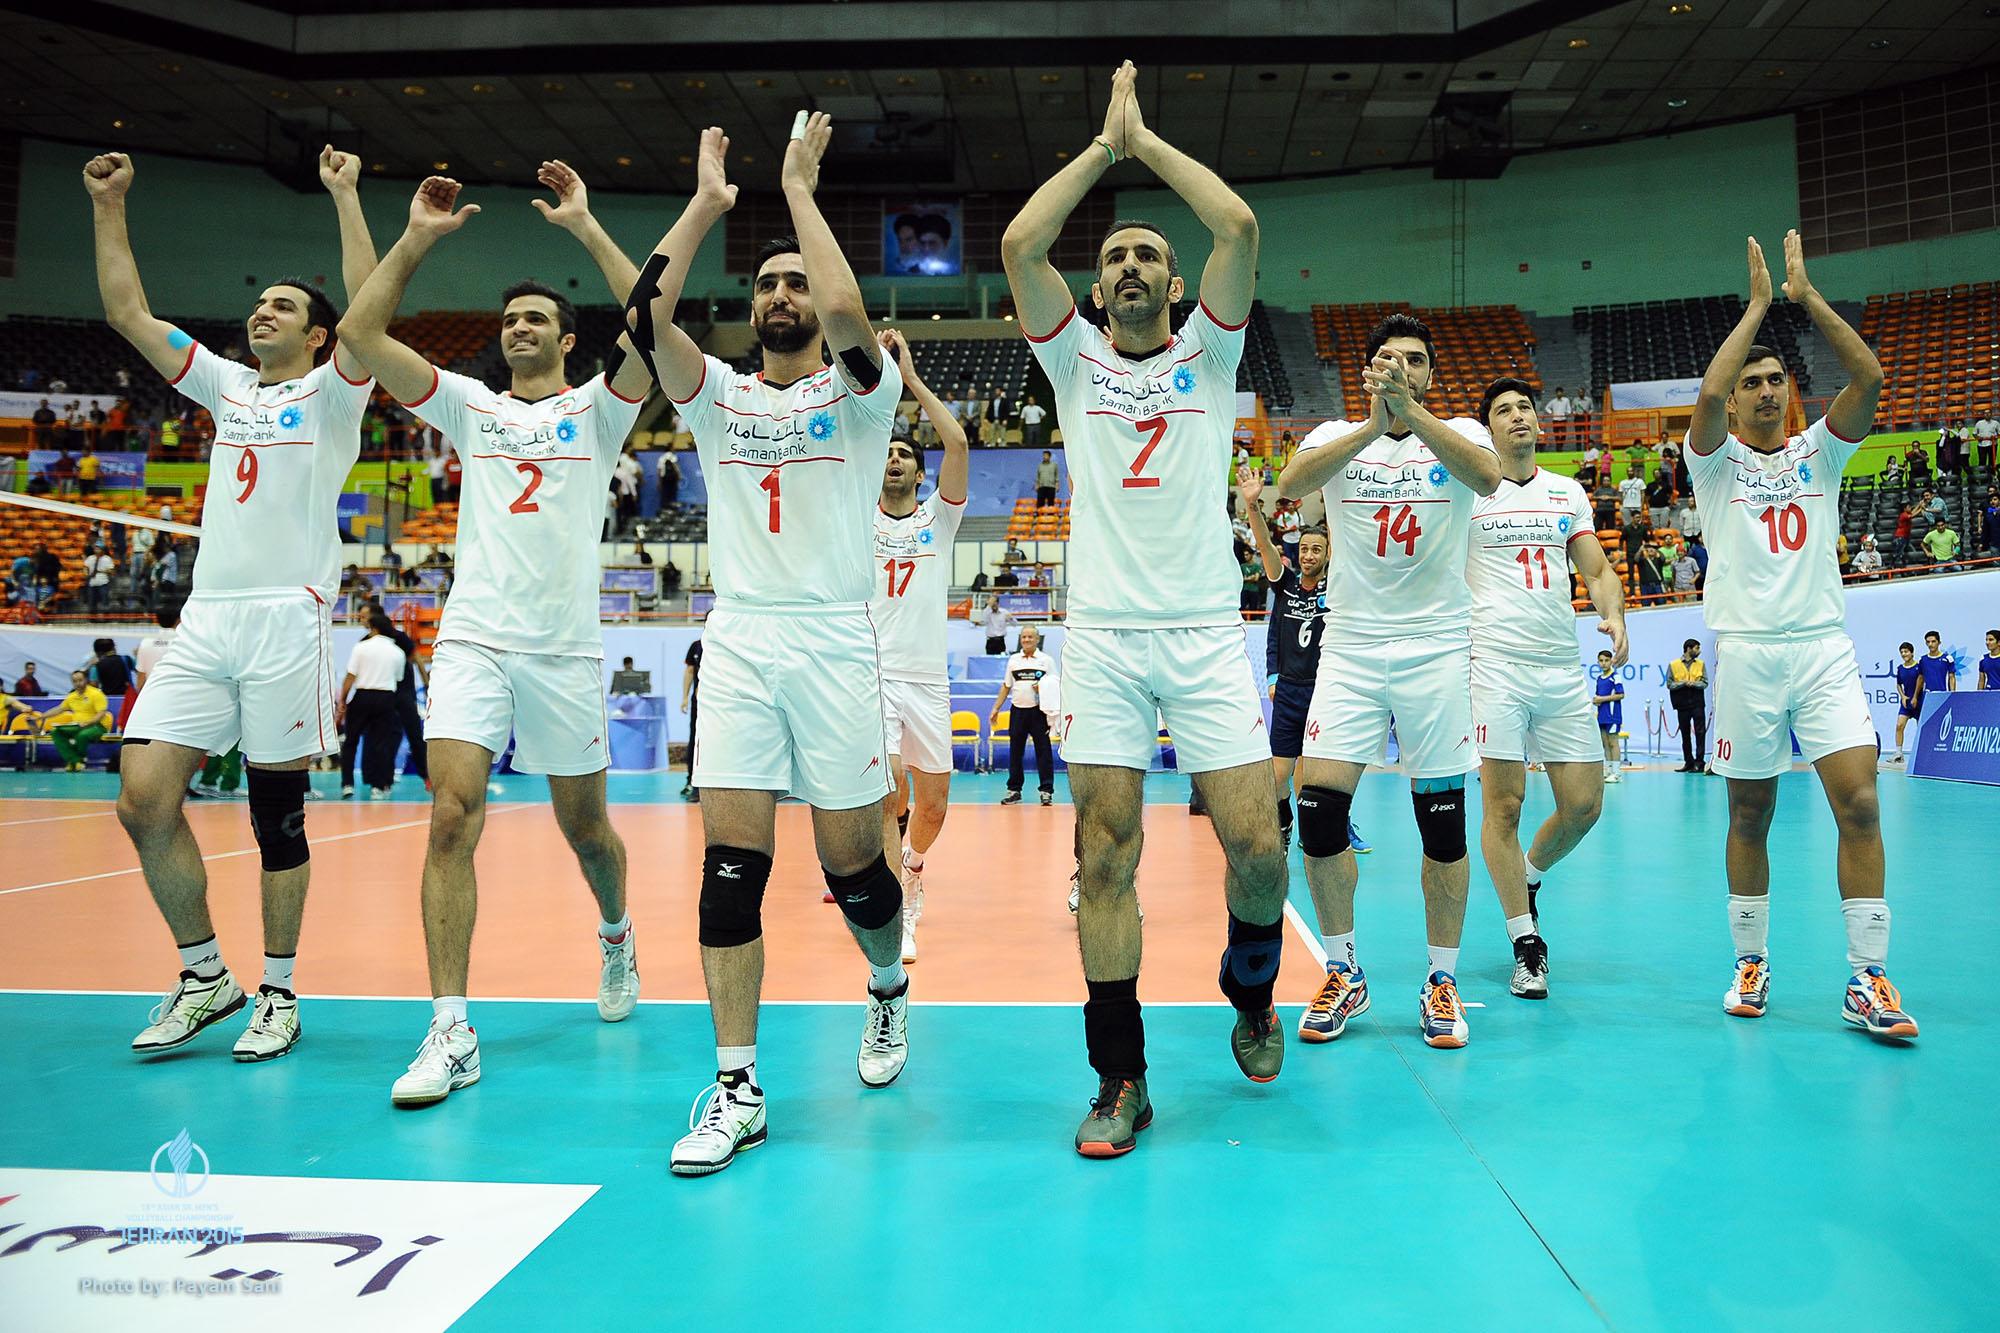 ناکامی تیم ملی ب در تکرار سومین قهرمانی پیاپی در قاره کهن !